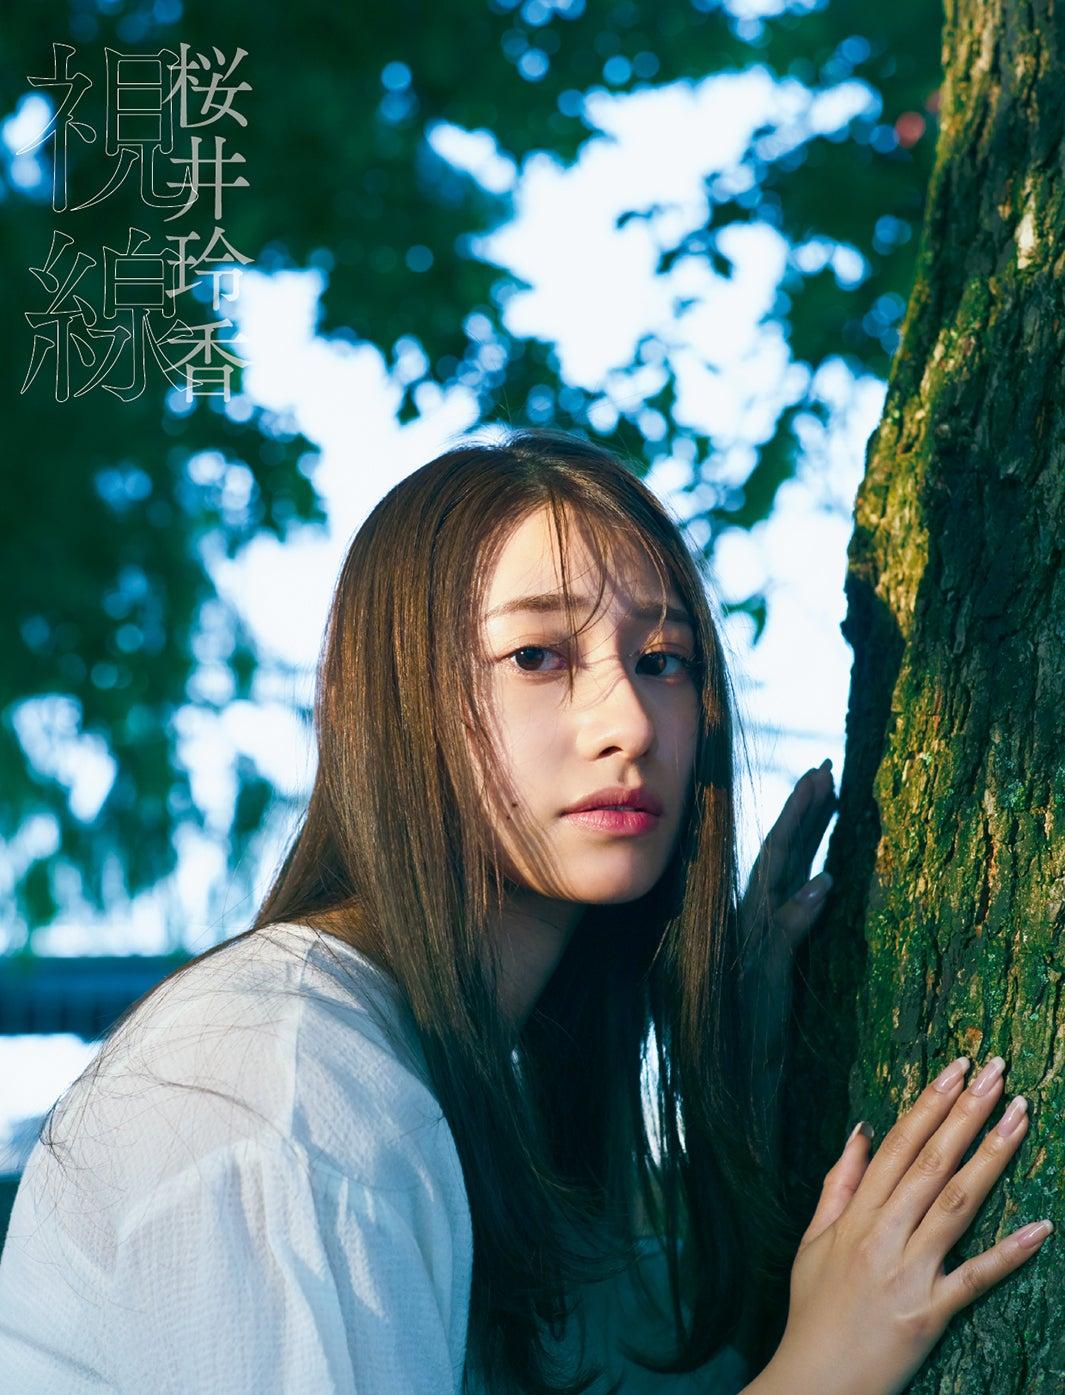 桜井玲香2nd写真集『視線』表紙 楽天ブックス